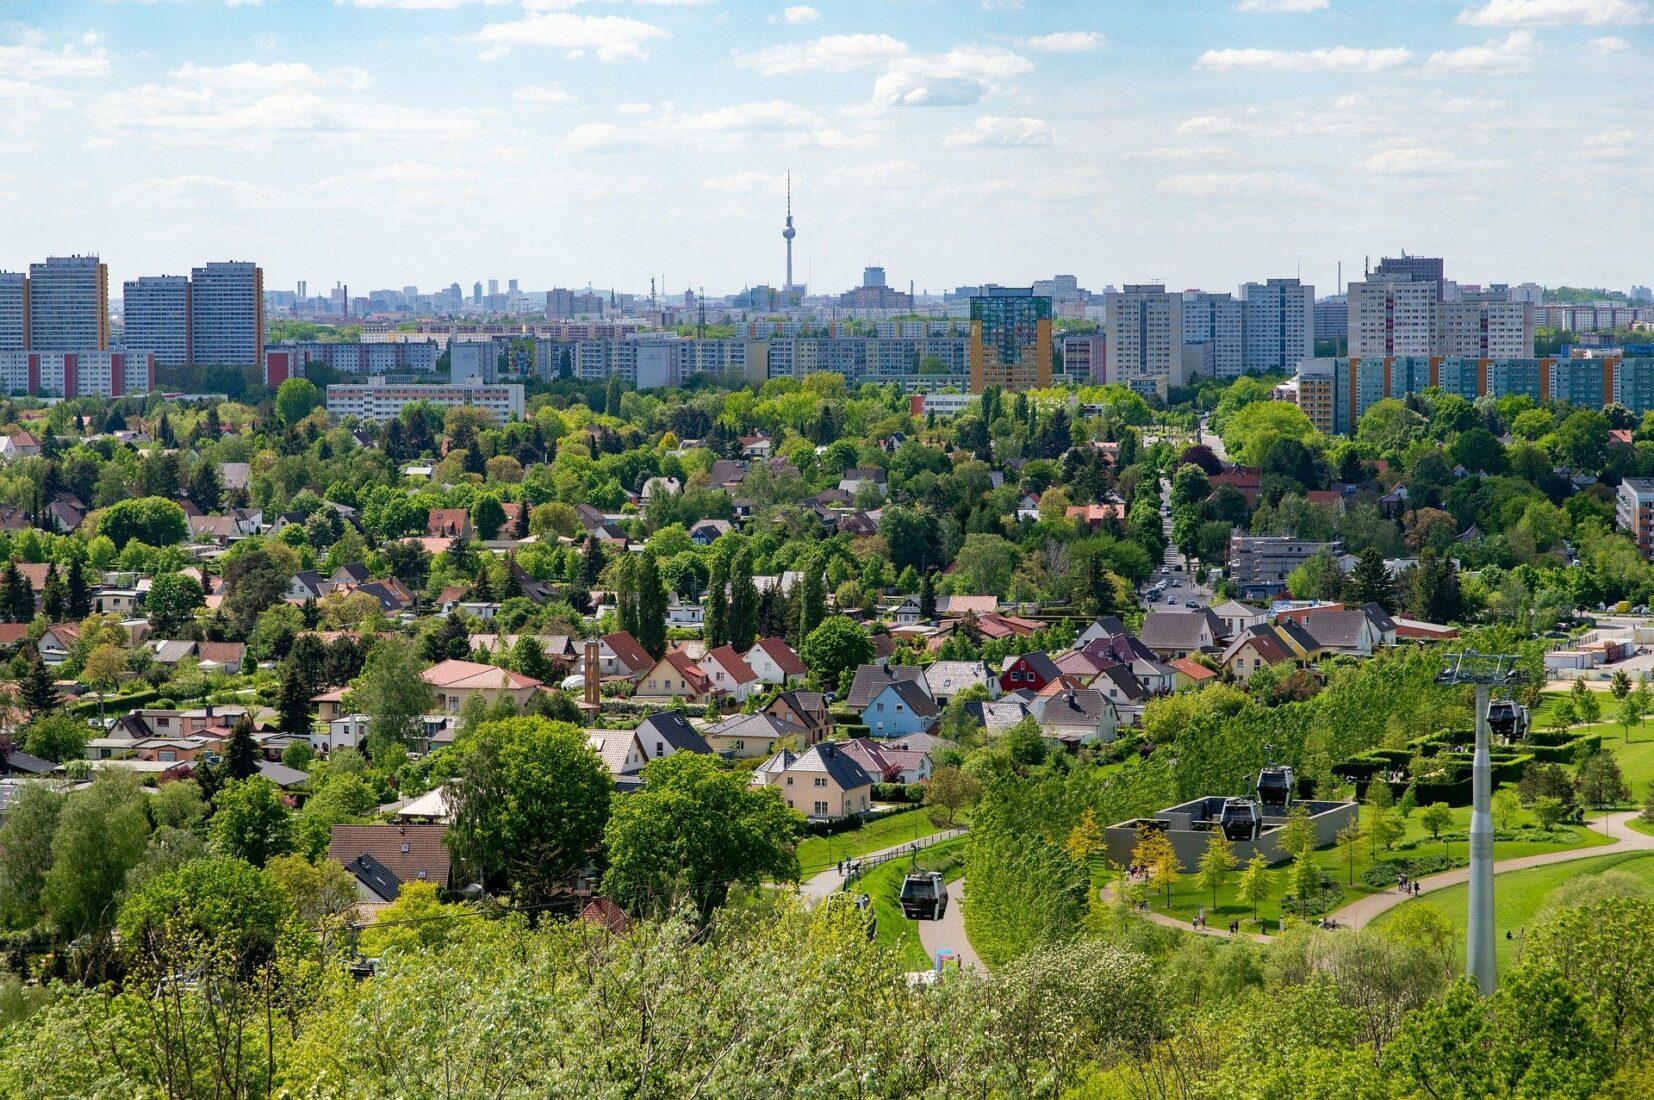 Neubau im Umland kann die Wohnungsmärkte von Großstädten entspannen. Foto: Pixabay